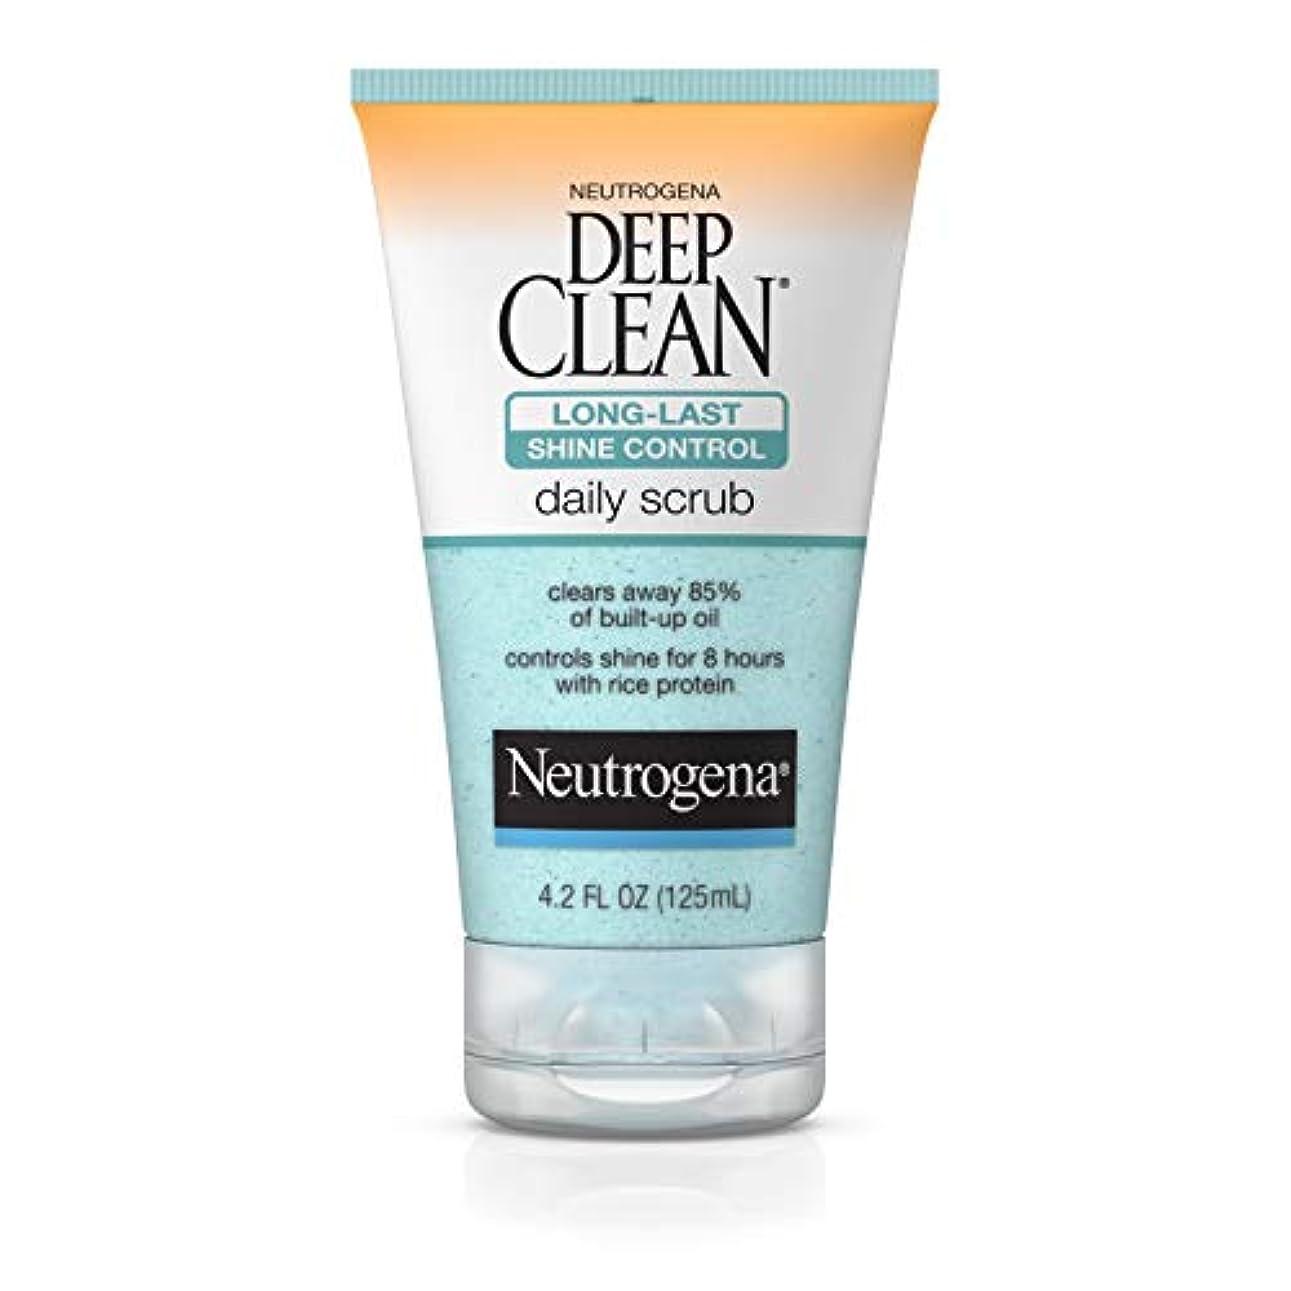 レビューお客様リッチNeutrogena Deep Clean Shine Control Daily Scrub 124 ml (並行輸入品)